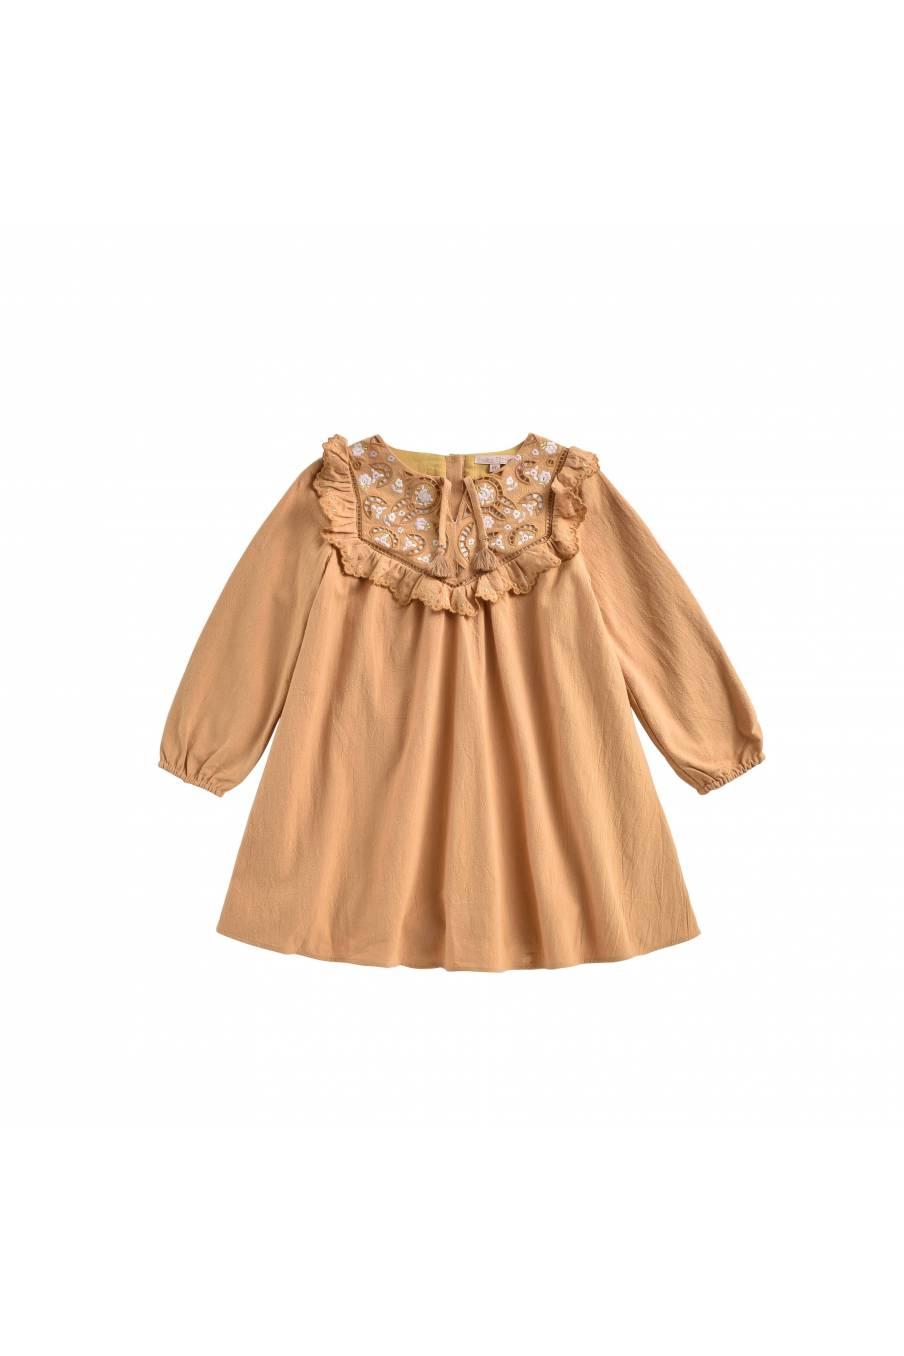 boheme chic vintage robe bébé fille maien spicy